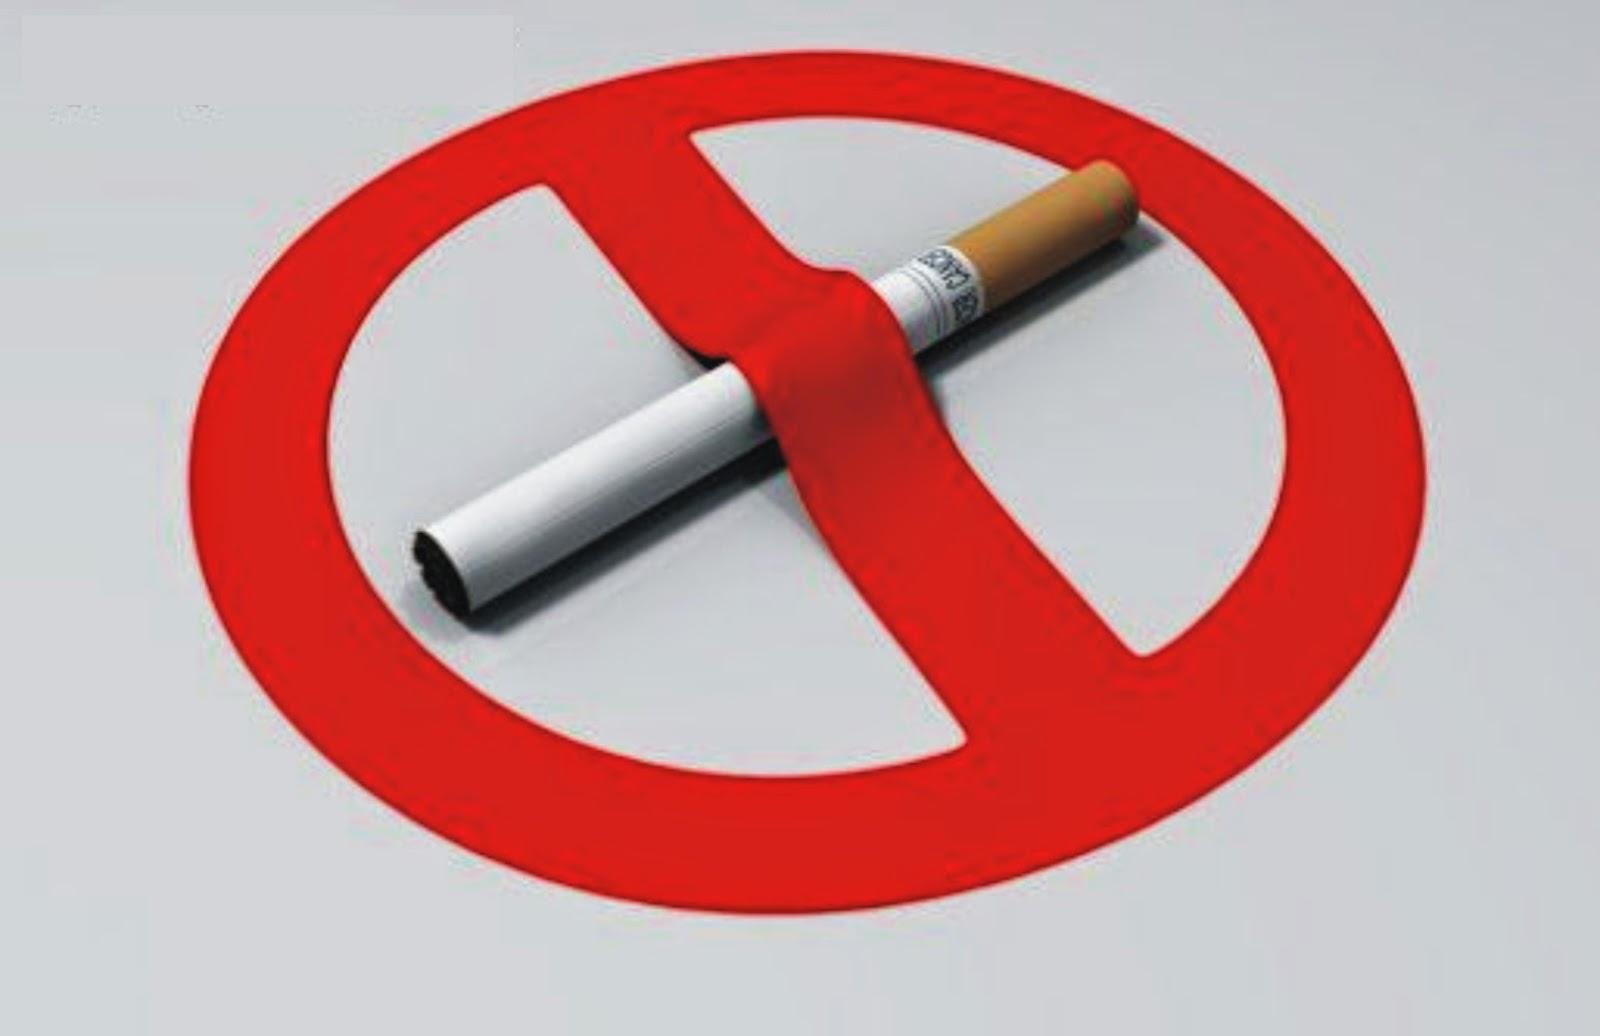 berhenti merokok, rokok haram, penyebab rokok haram, bahaya roko, cara amuh berhenti merokok, rokok herbal, rokok sehat, rokok elektronik